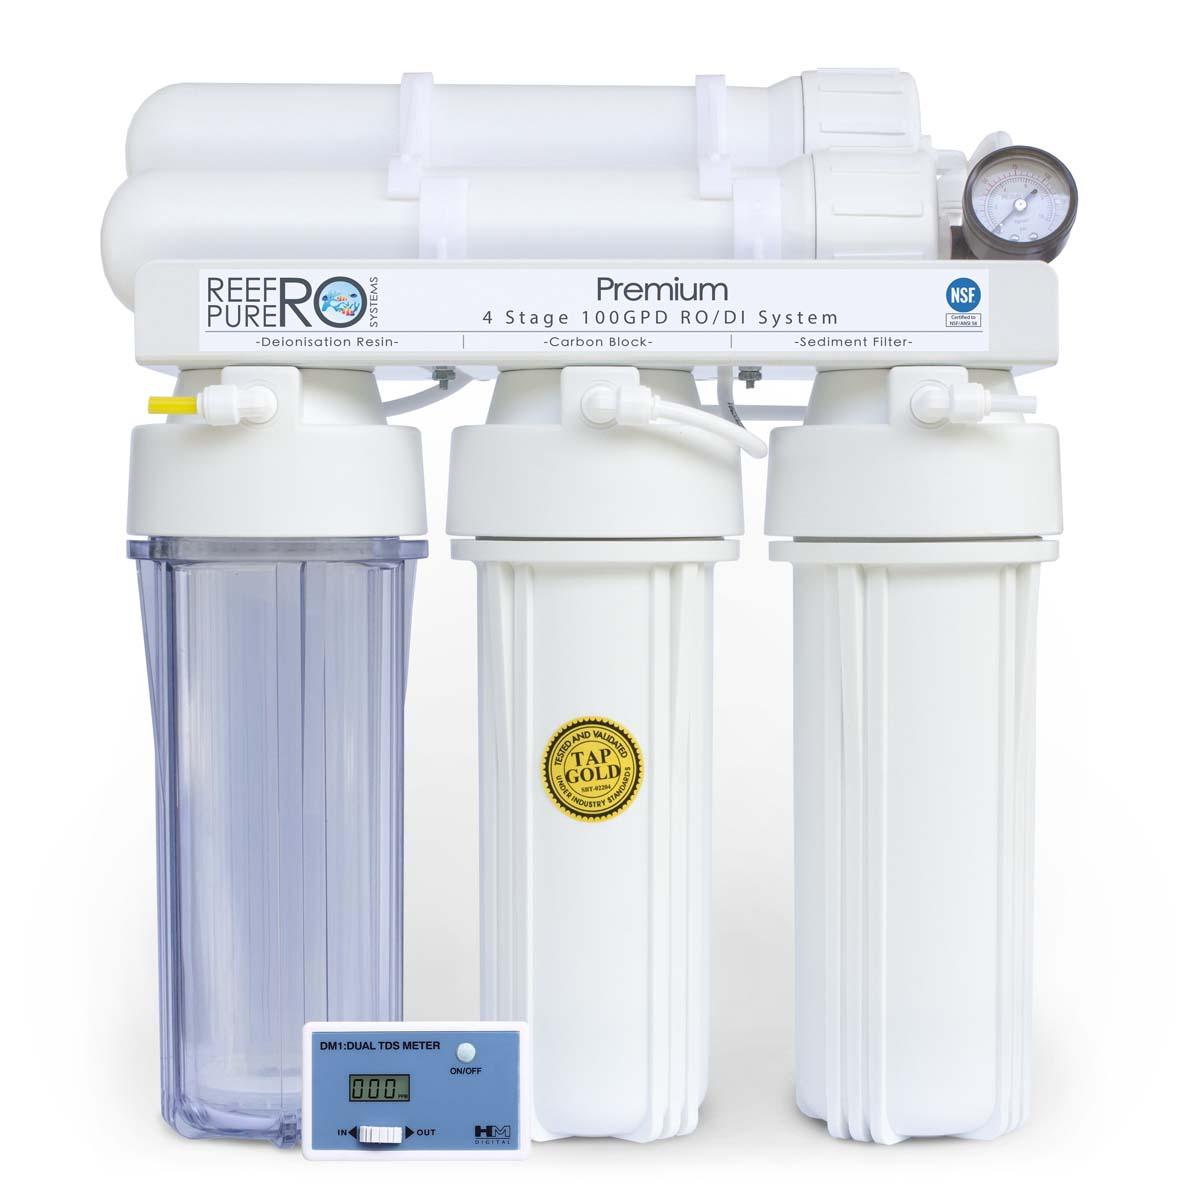 4 Stage 100GPD Premium RO/DI System